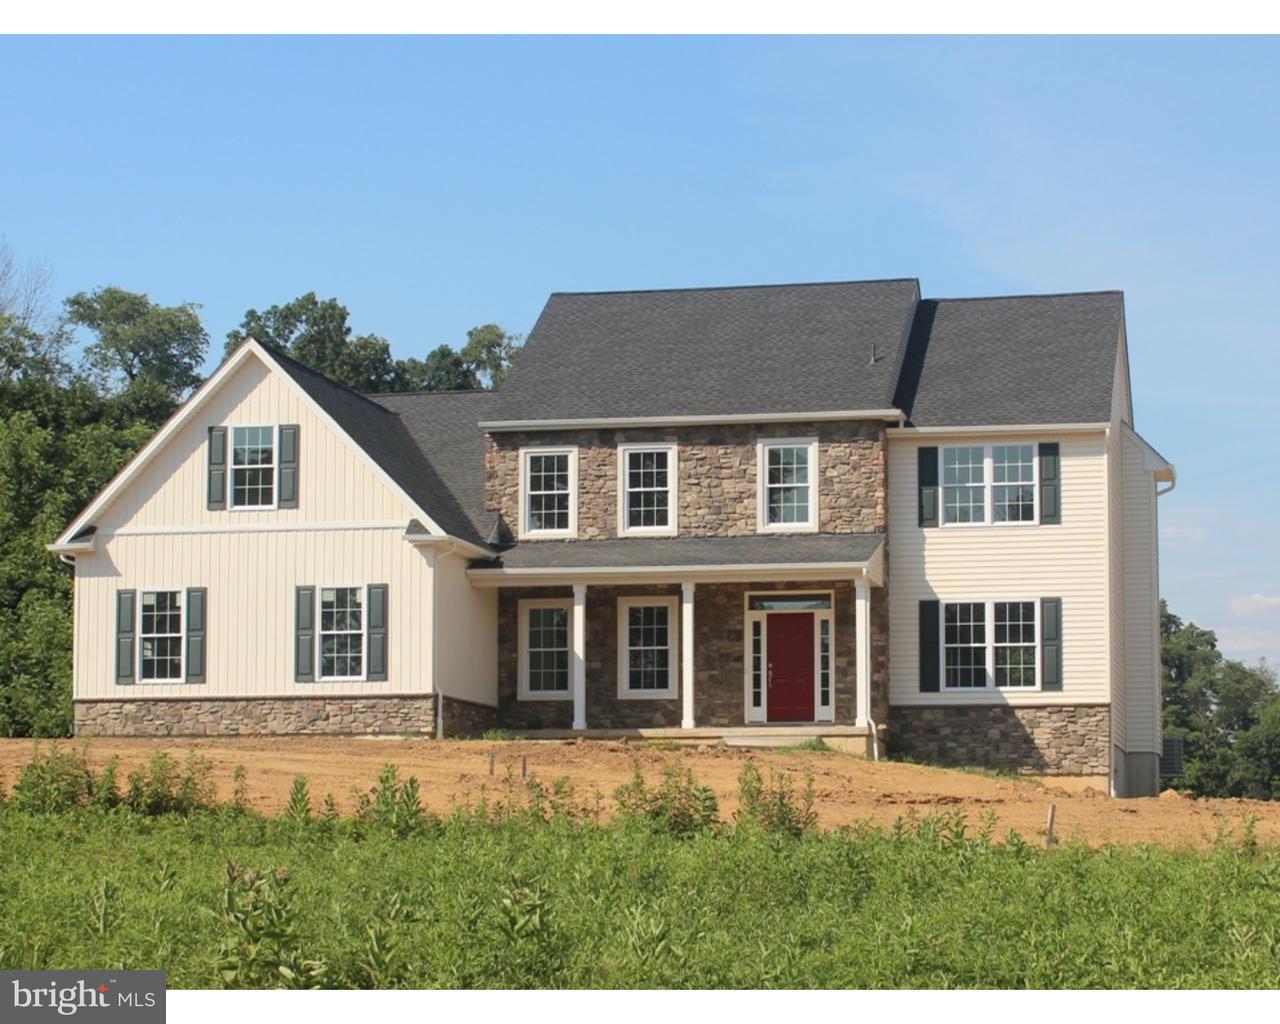 Maison unifamiliale pour l Vente à 6269 SHADY Drive Coopersburg, Pennsylvanie 18036 États-Unis